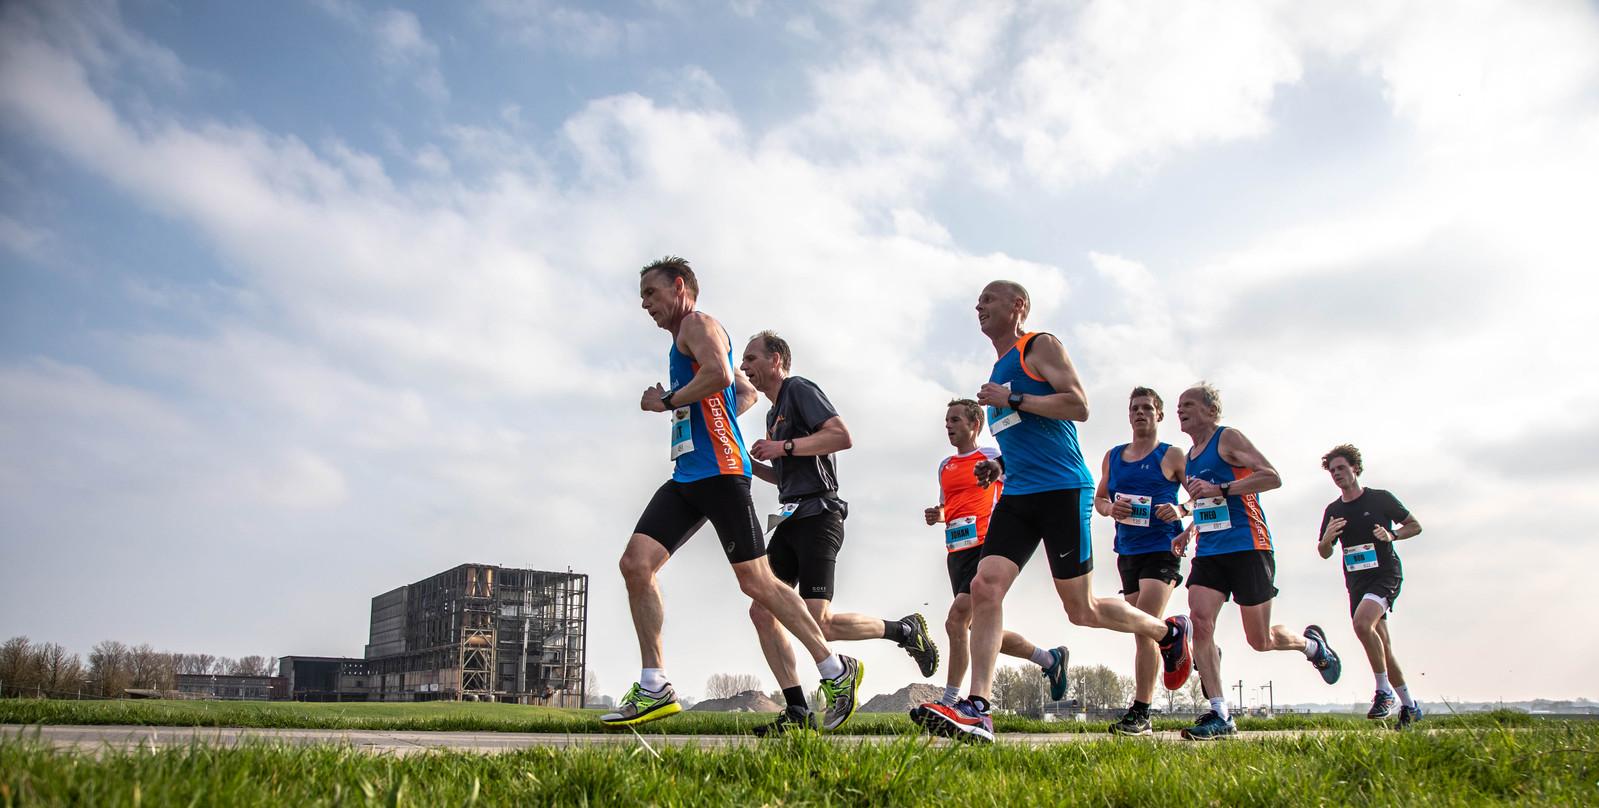 Hardlopen over de dijk langs de IJssel. In 2018 verlegde de 10 Mijl van Zwolle-Zuid haar parcours, waardoor deelnemers ook langs de toenmalige restanten van de IJsselcentrale kwamen. Nu stopt het evenement.